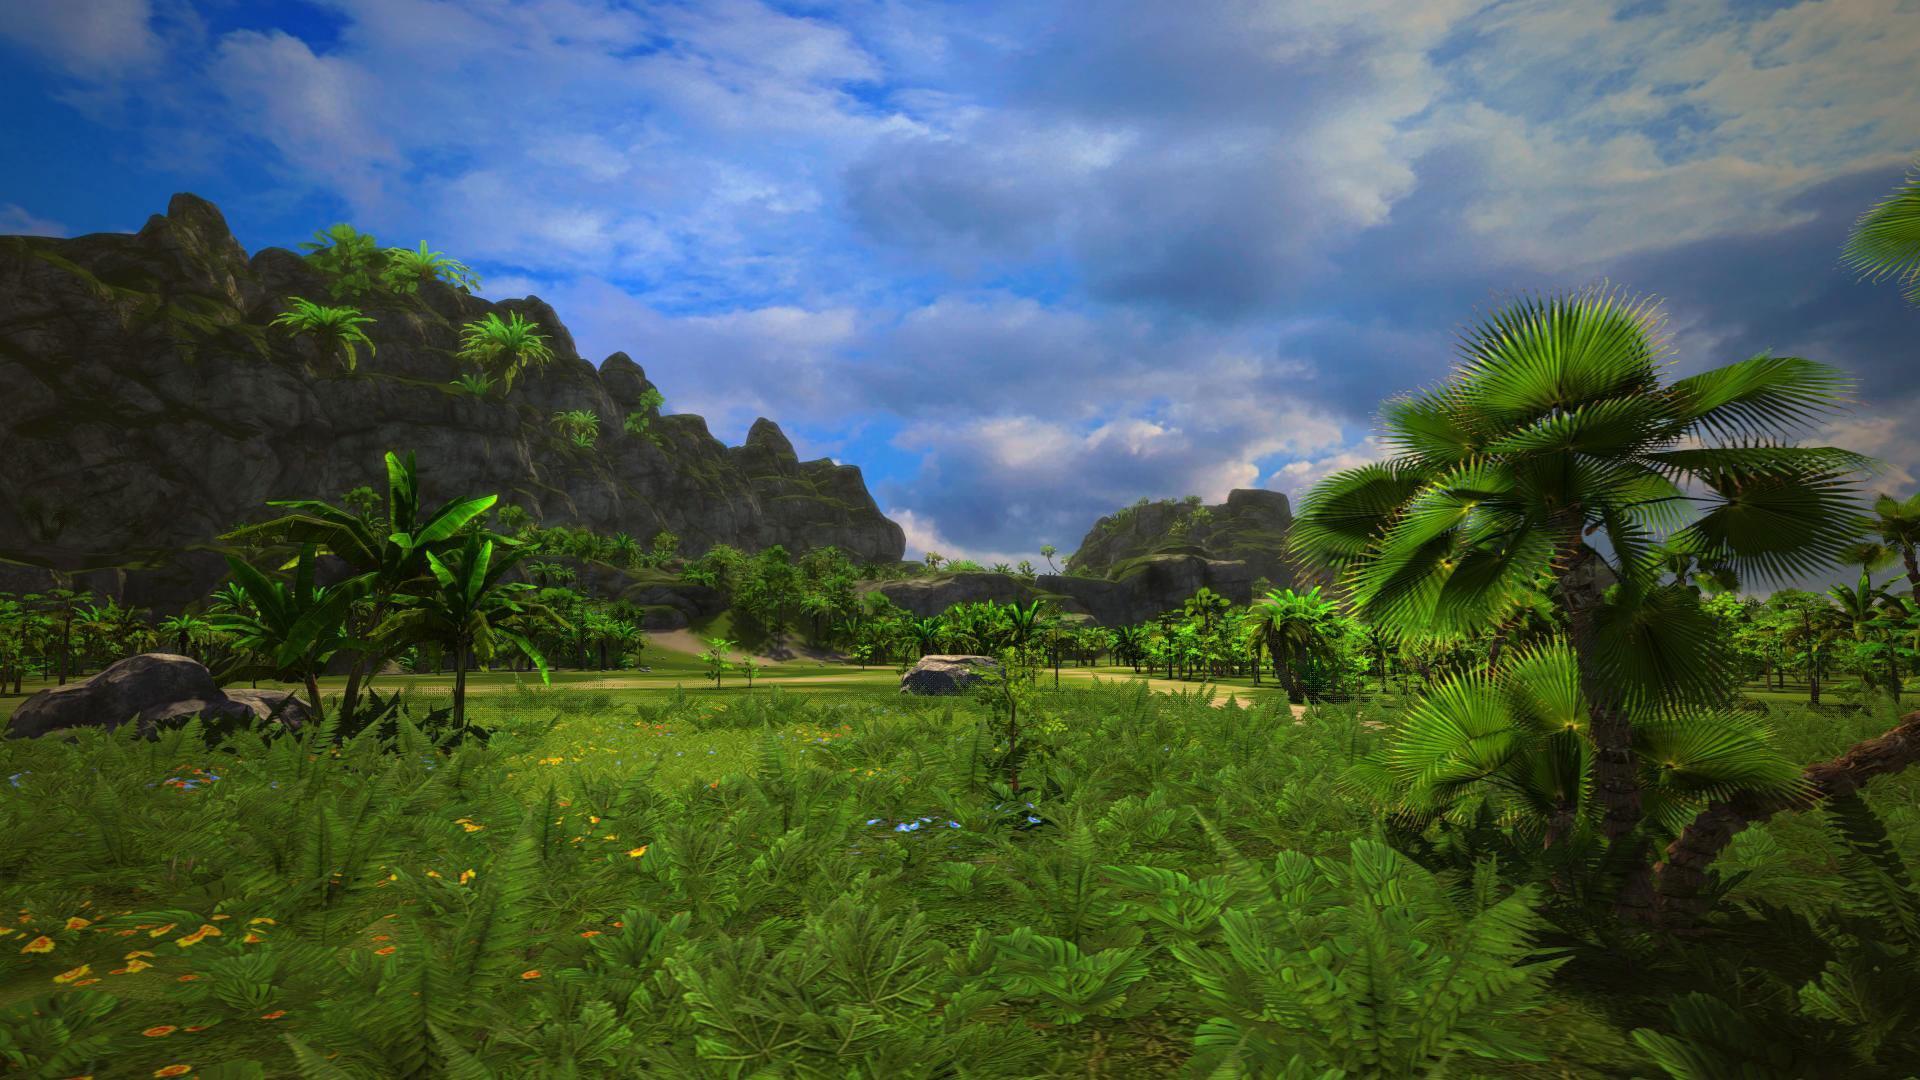 海岛大亨5最新高清游戏壁纸 风格迥异令人